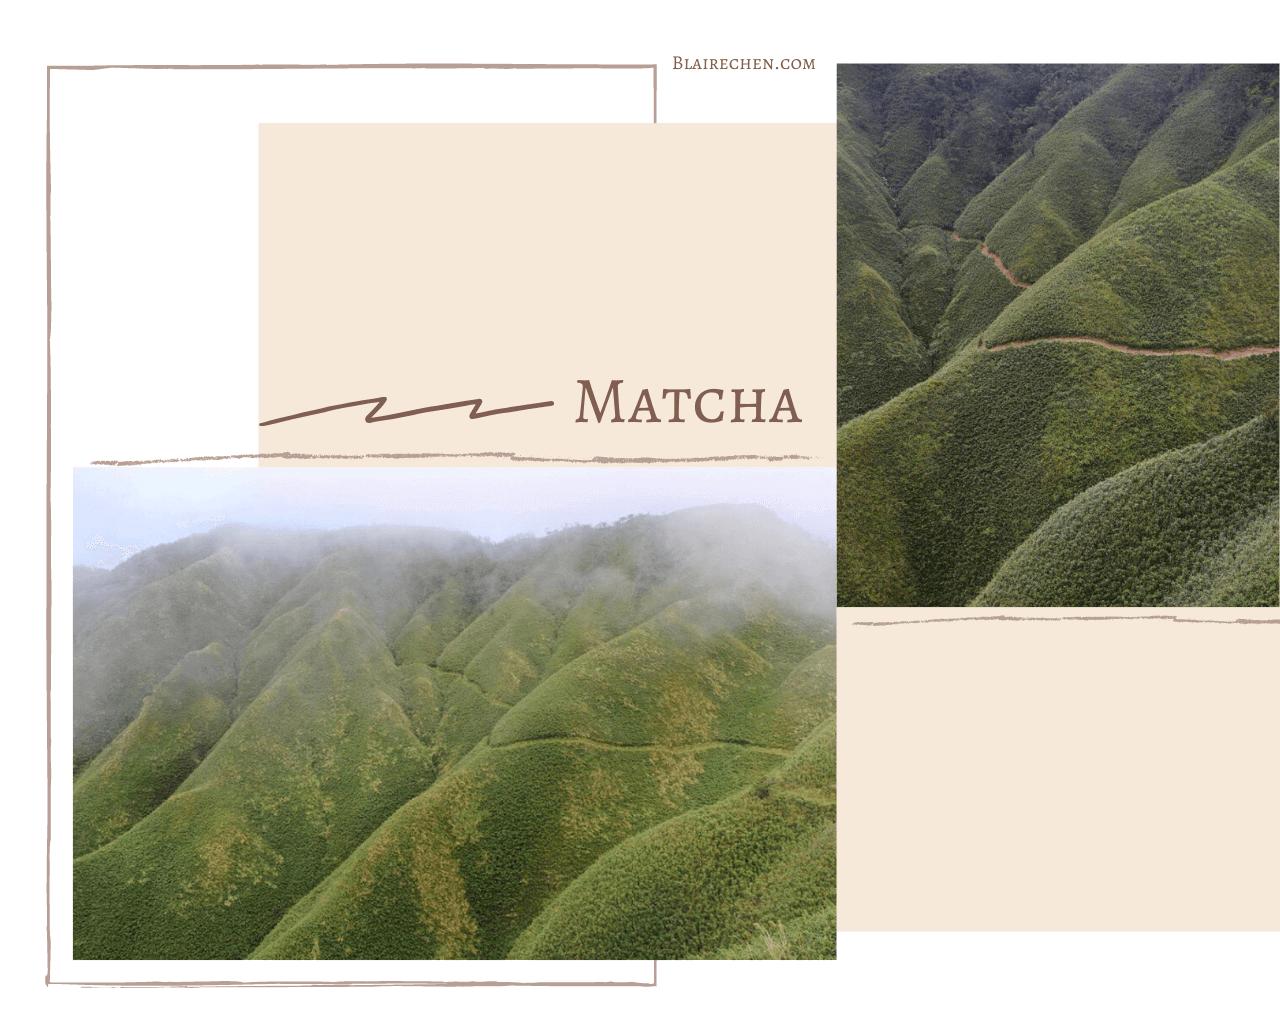 【宜蘭質感小旅行】|來去宜蘭吧!最新最夯的熱門打卡點,除了抹茶山,還有在地人私房推薦!